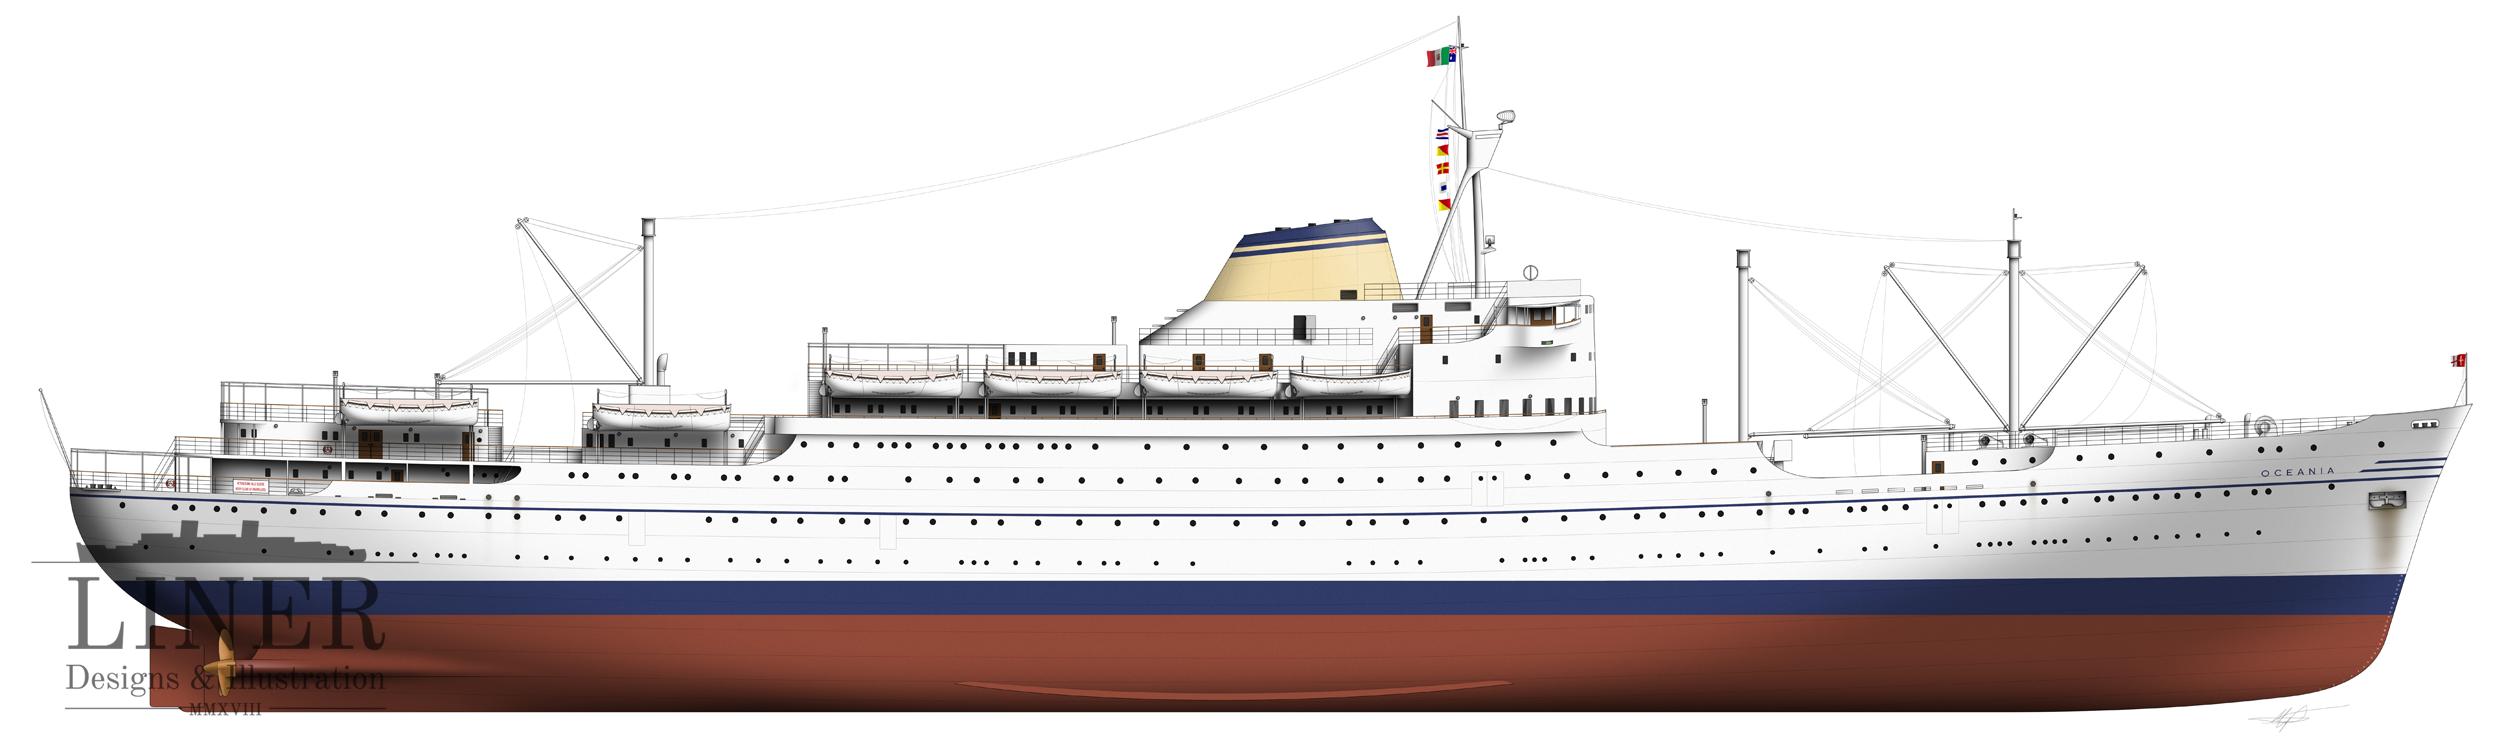 M.N Oceania